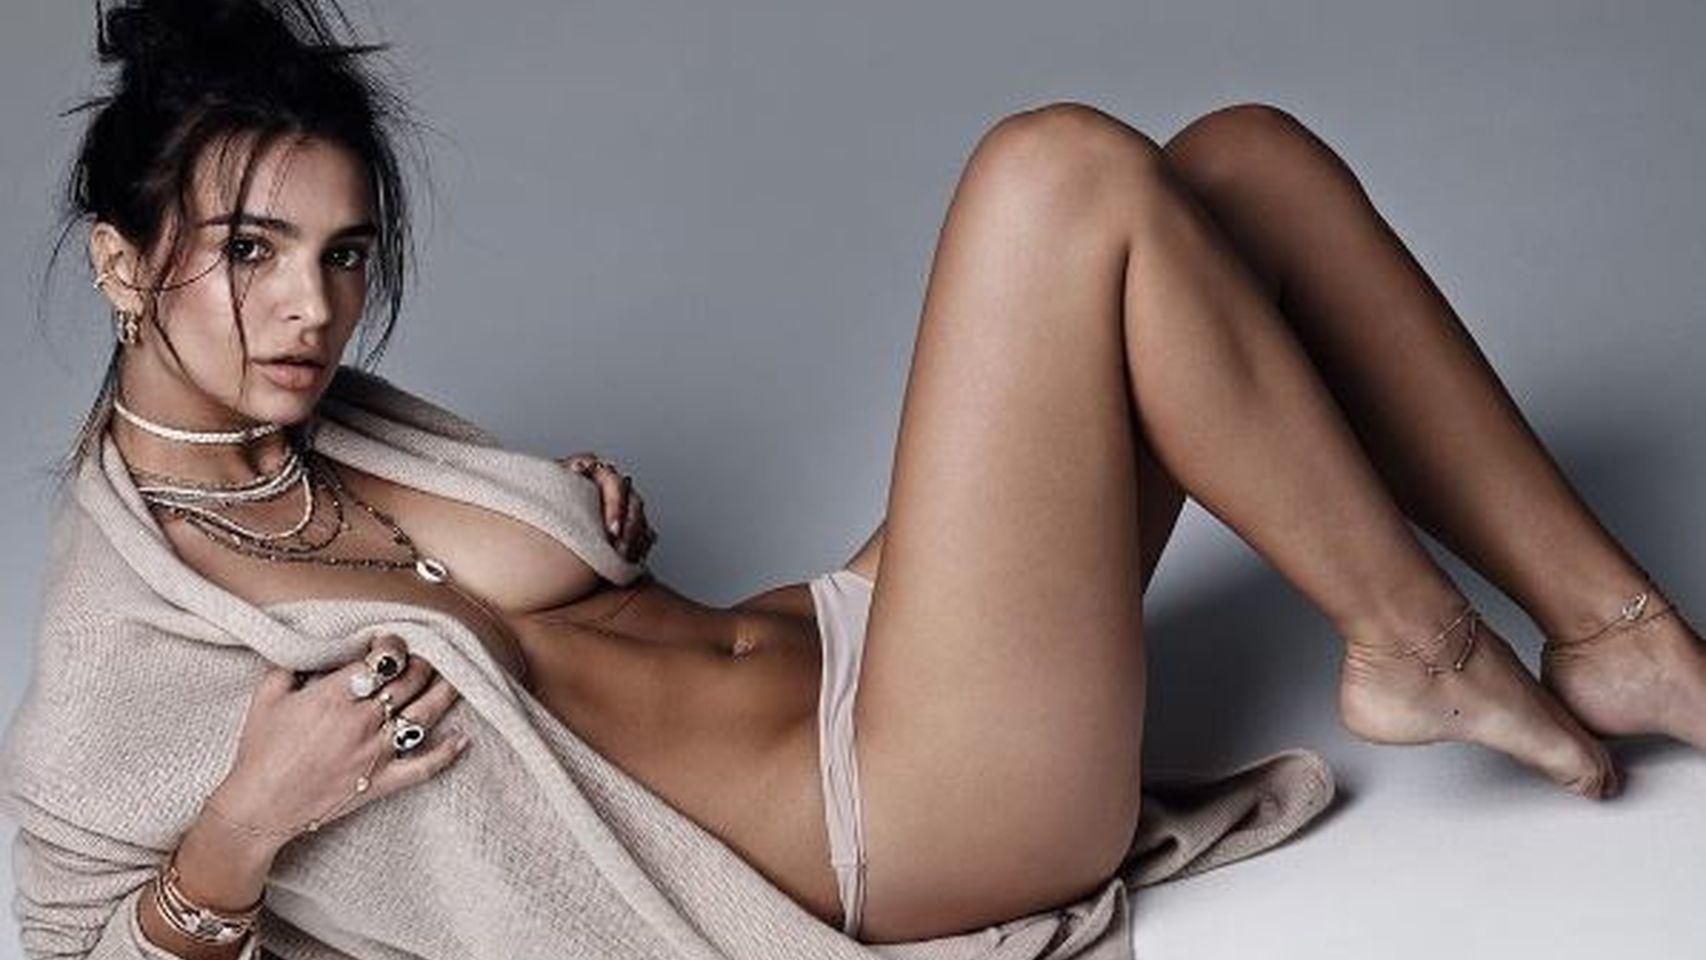 Súper Hot Emily Ratajkowski Posó Desnuda Y En La Cama Foto